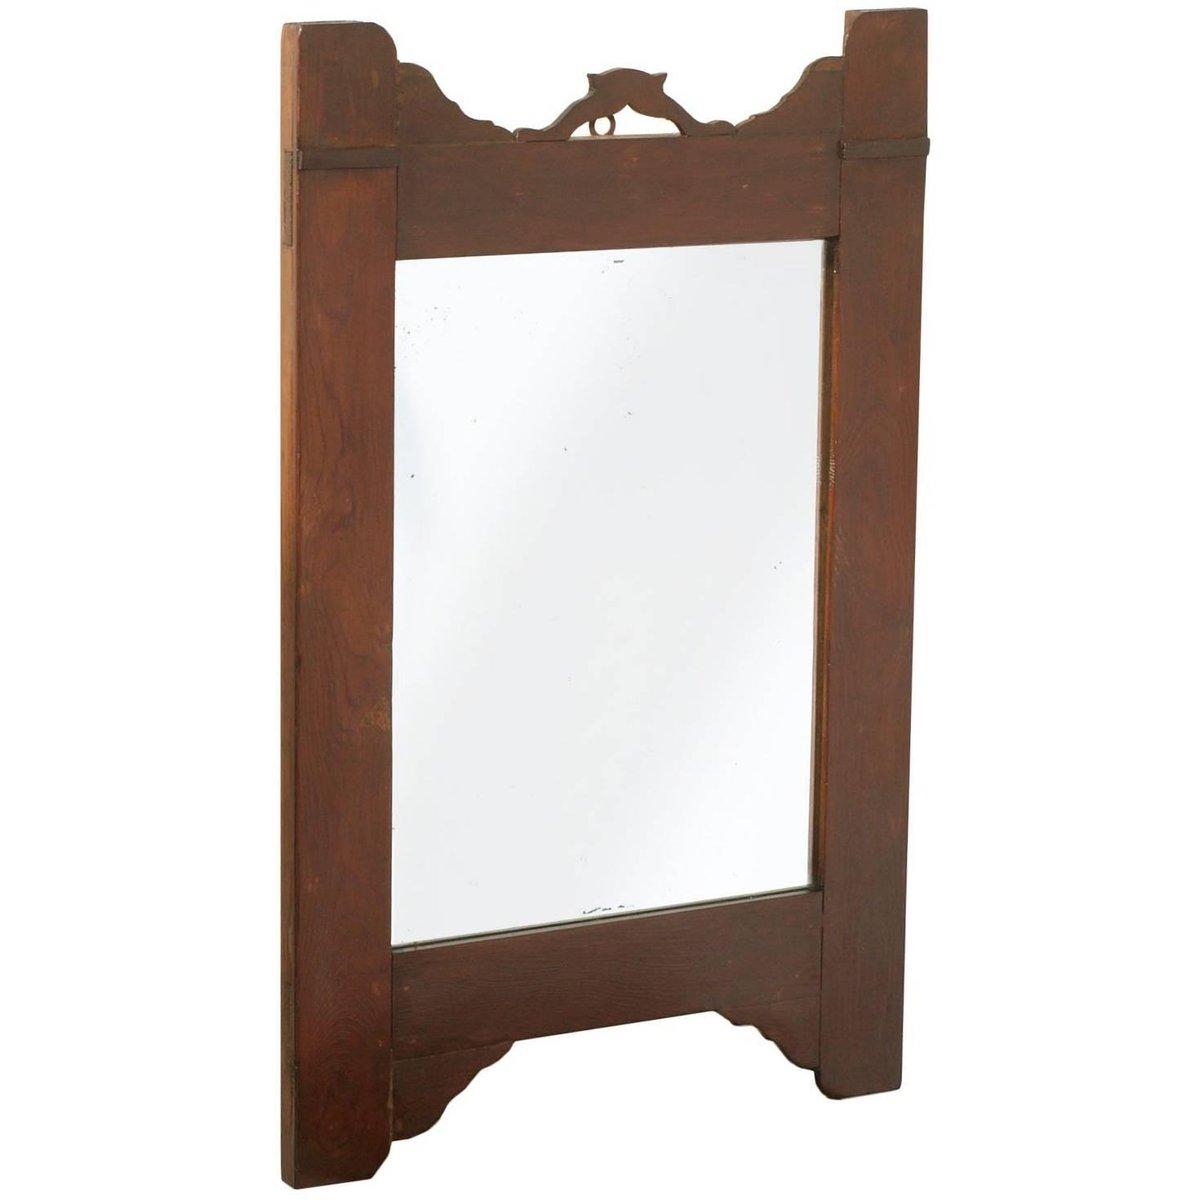 miroir art nouveau antique en noyer en vente sur pamono. Black Bedroom Furniture Sets. Home Design Ideas